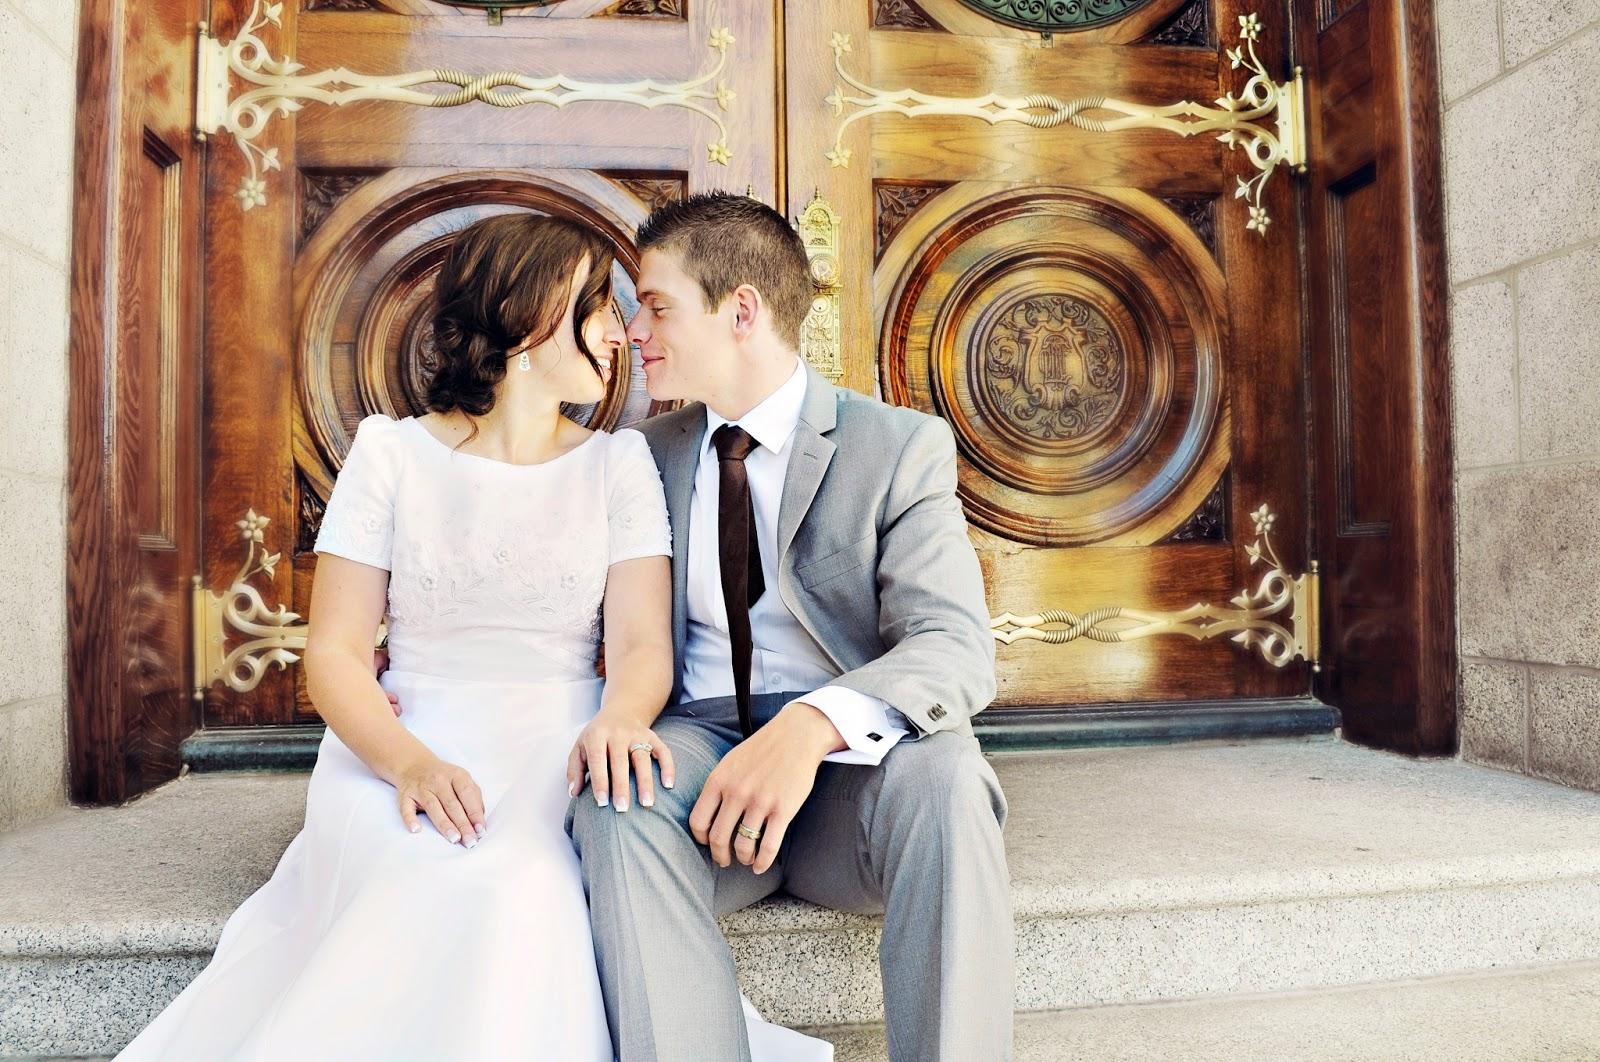 true love in marriage